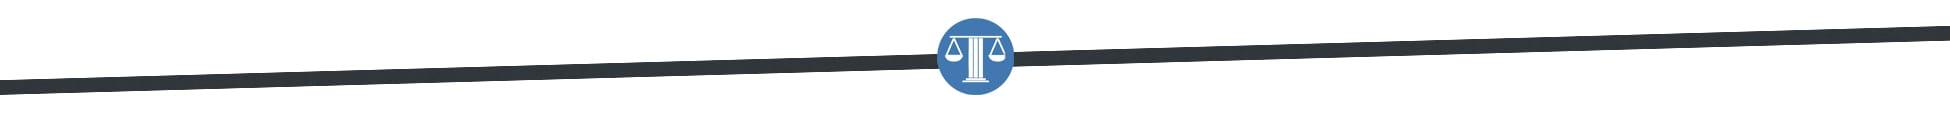 Seperator Anwälte von Dr. Brauer